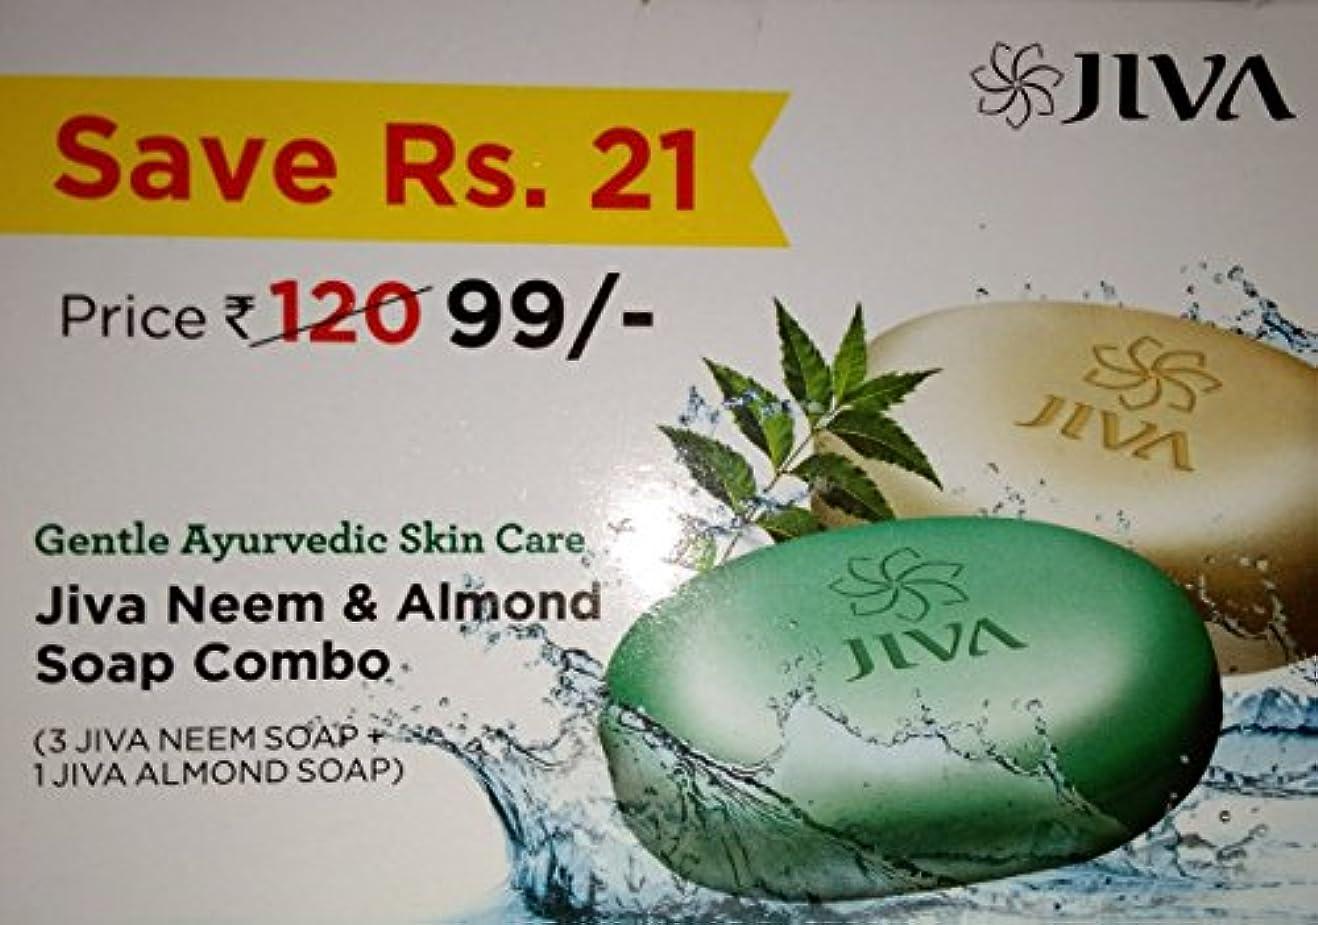 相関するダウンタウンできたJiva Ayurveda Neem & Almond Soap Combo